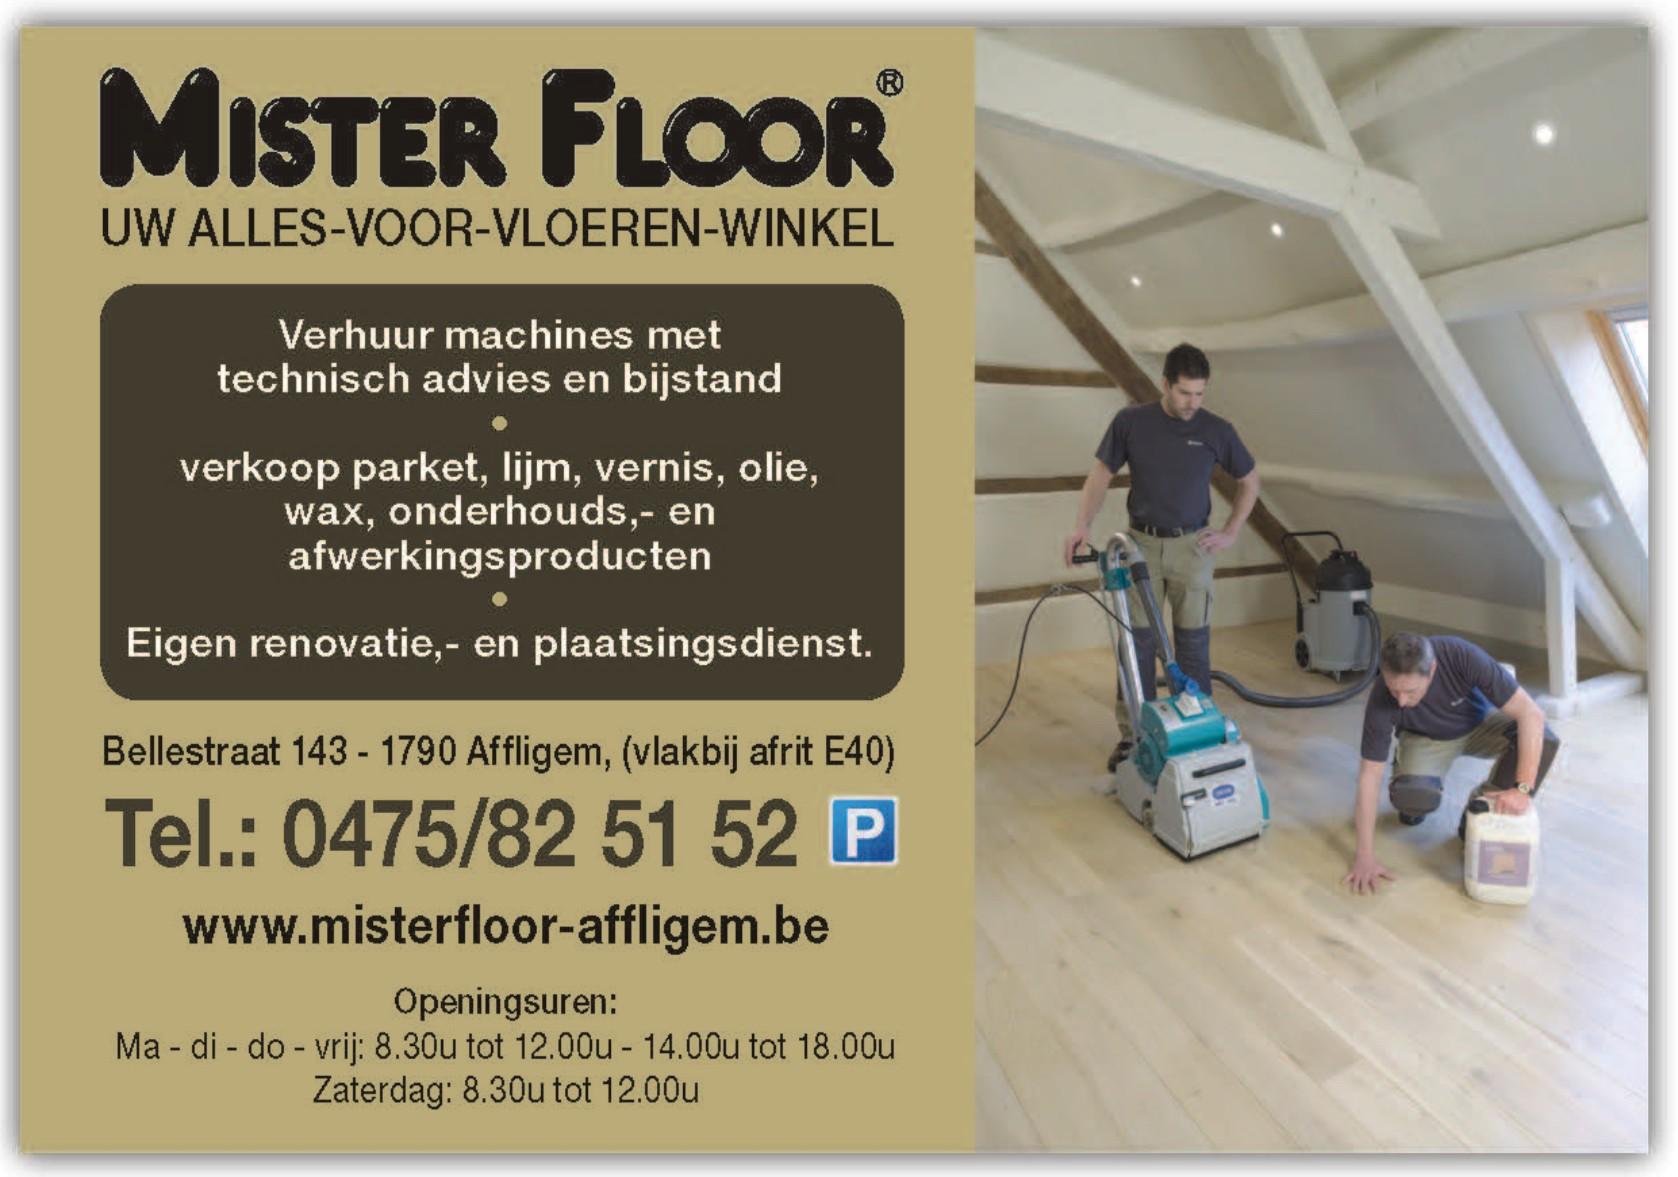 Mister Floor